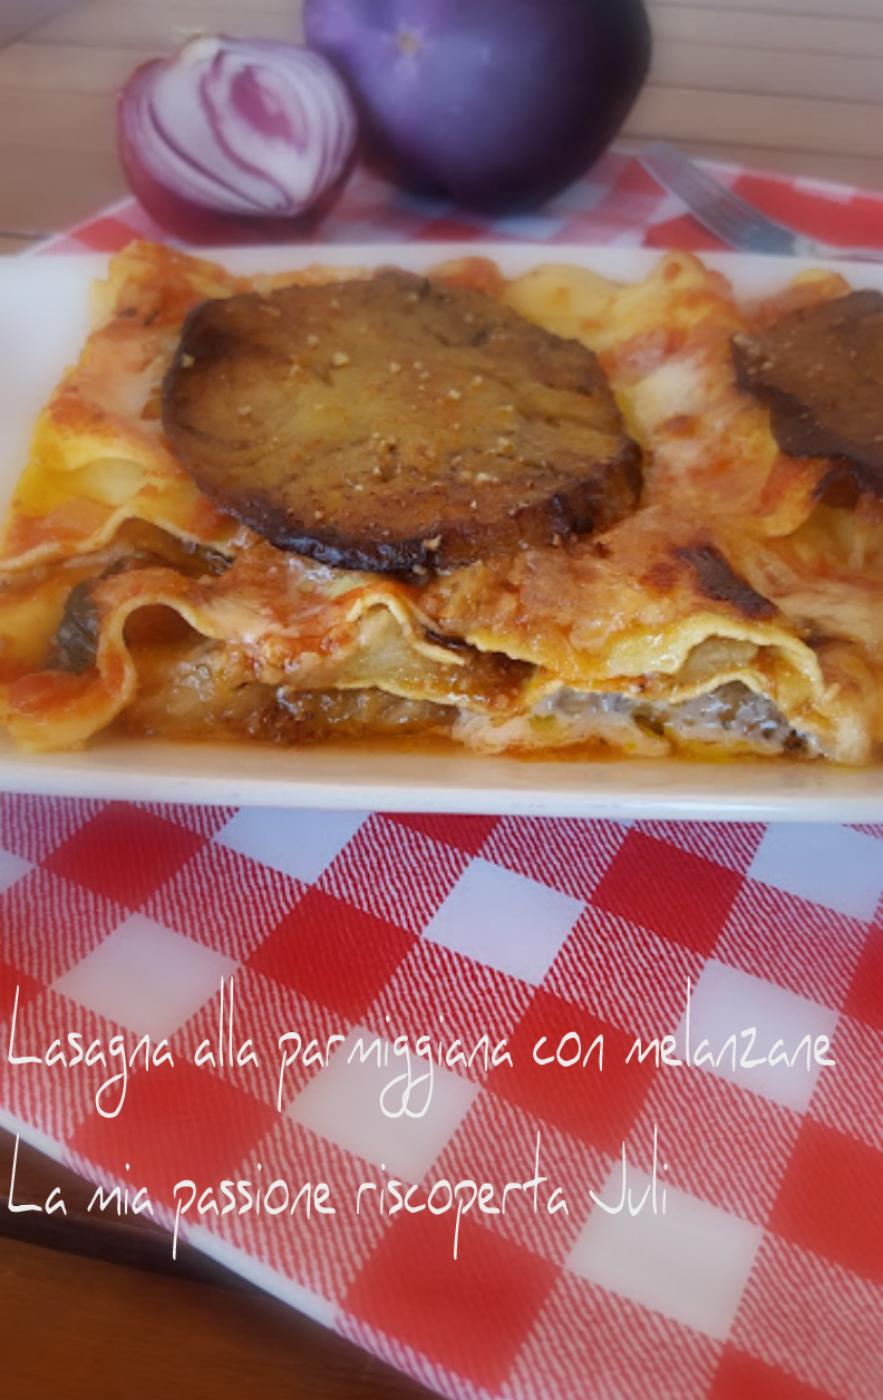 lasagne alla parmiggiana con melanzane g+